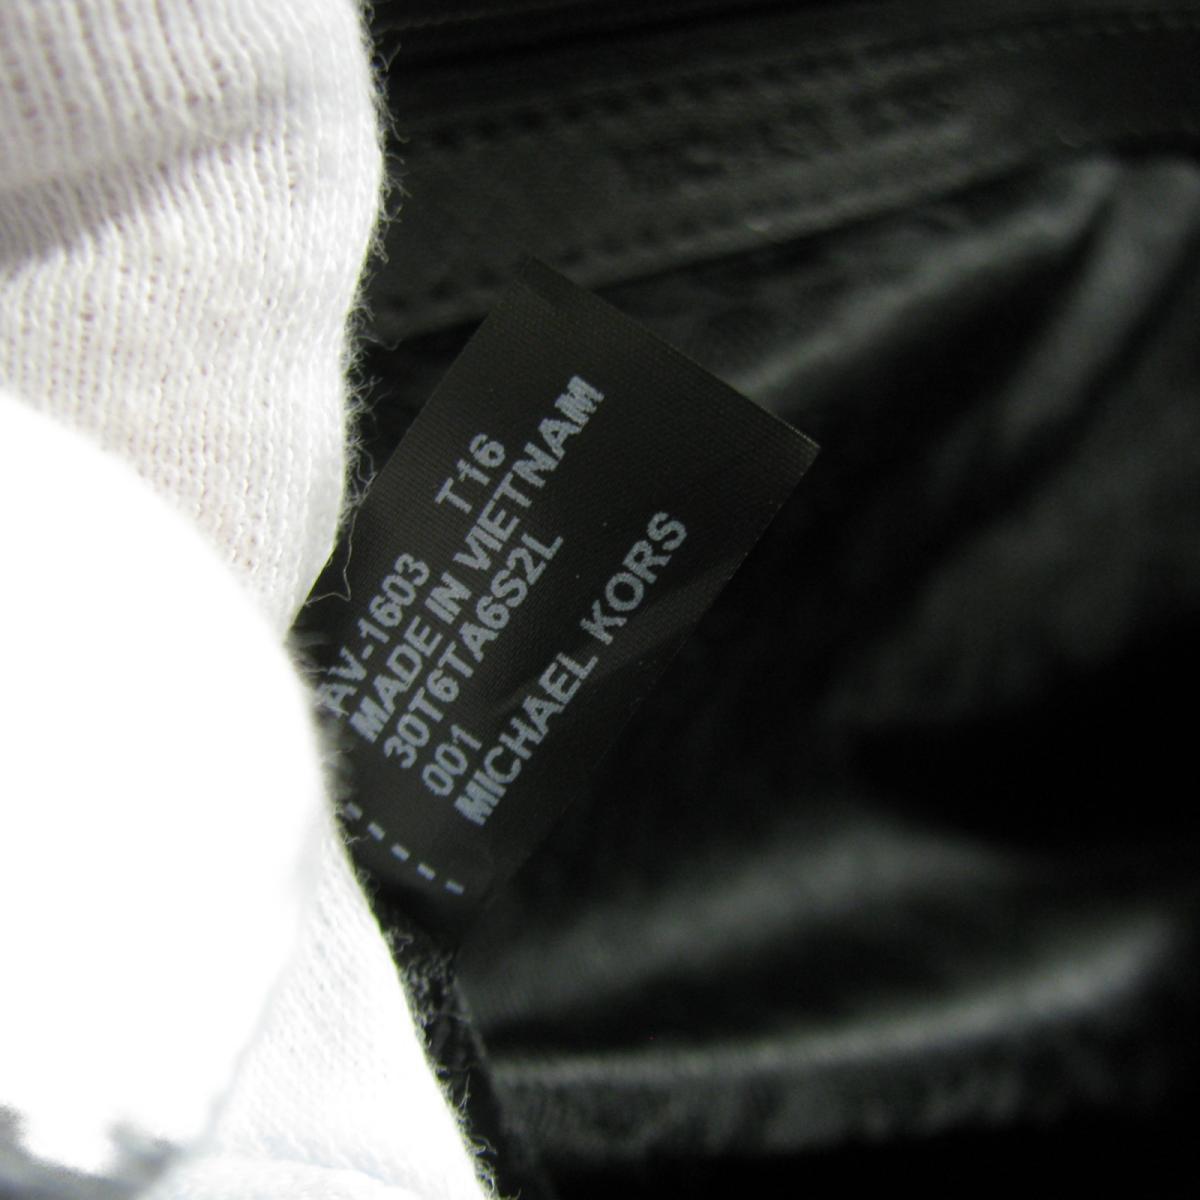 マイケルコース 2wayショルダーバッグ ハンドバッグ レディース レザー ブラック30T6TA6S2LMICHAEL KORS バッグ バック BAG カバン ブランドバッグ ブランドバック 新品 ブランドオフkiPZXu